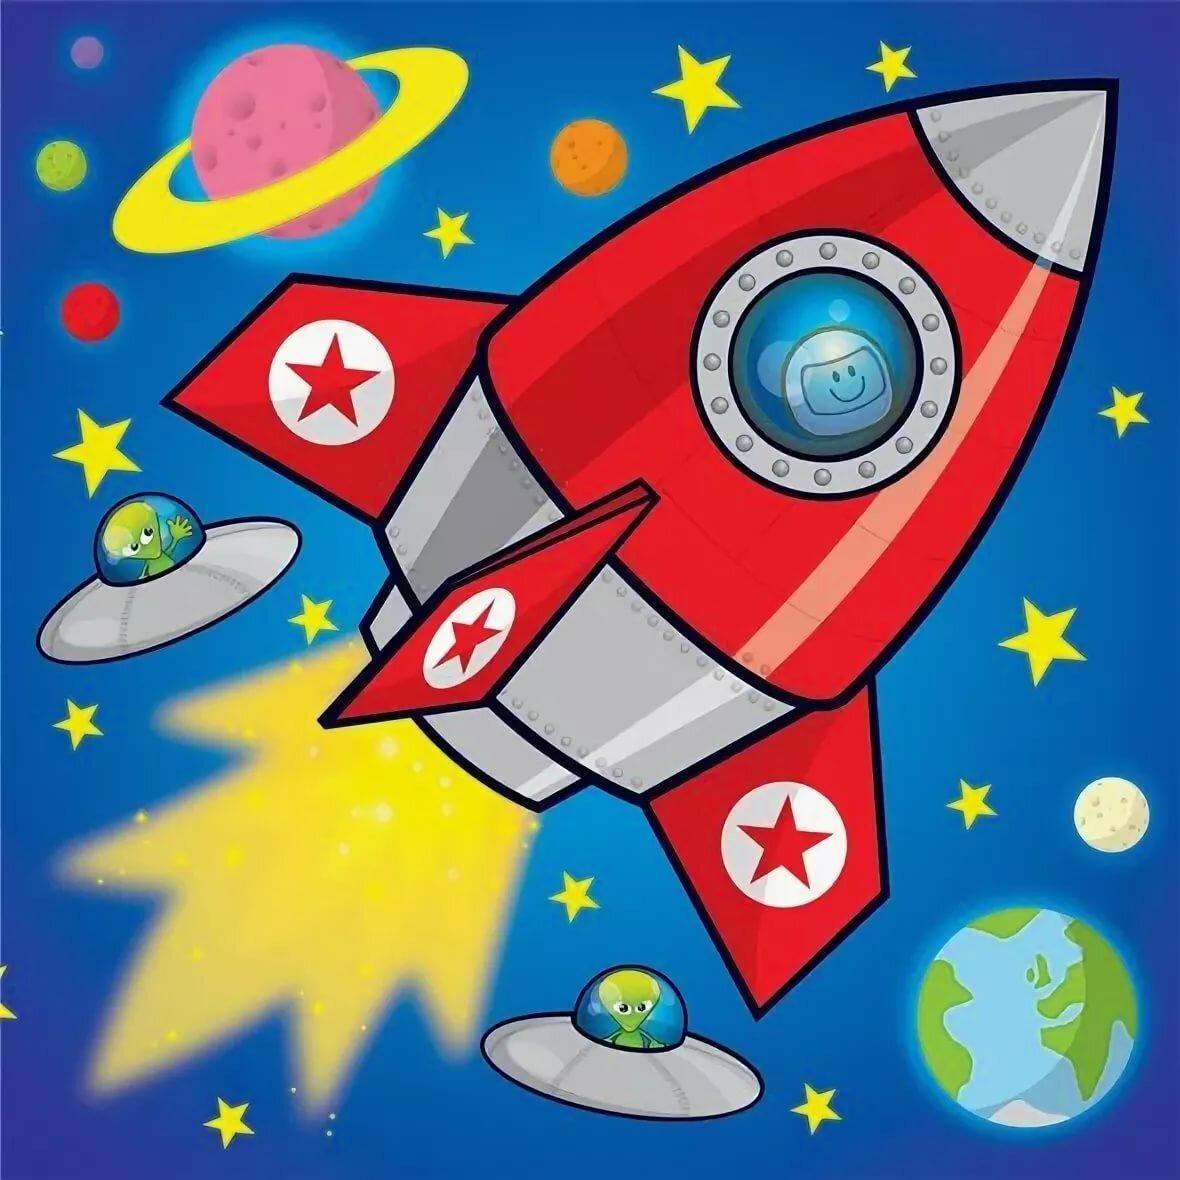 Рисунок на тему космоса для сада